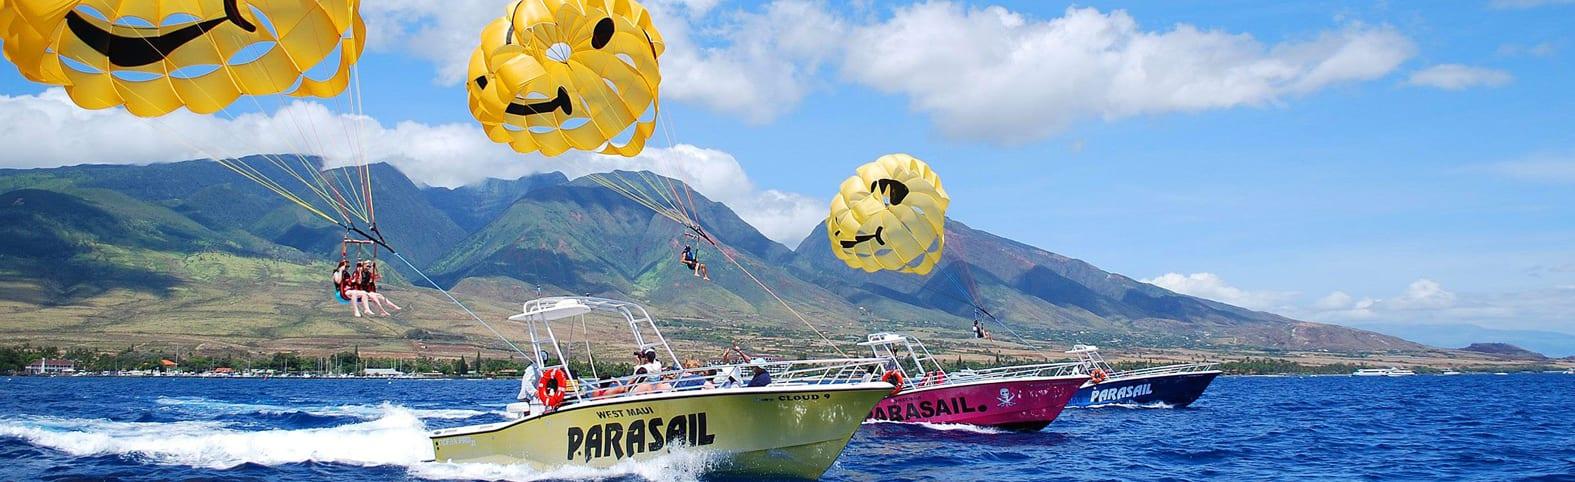 West Maui Parasail